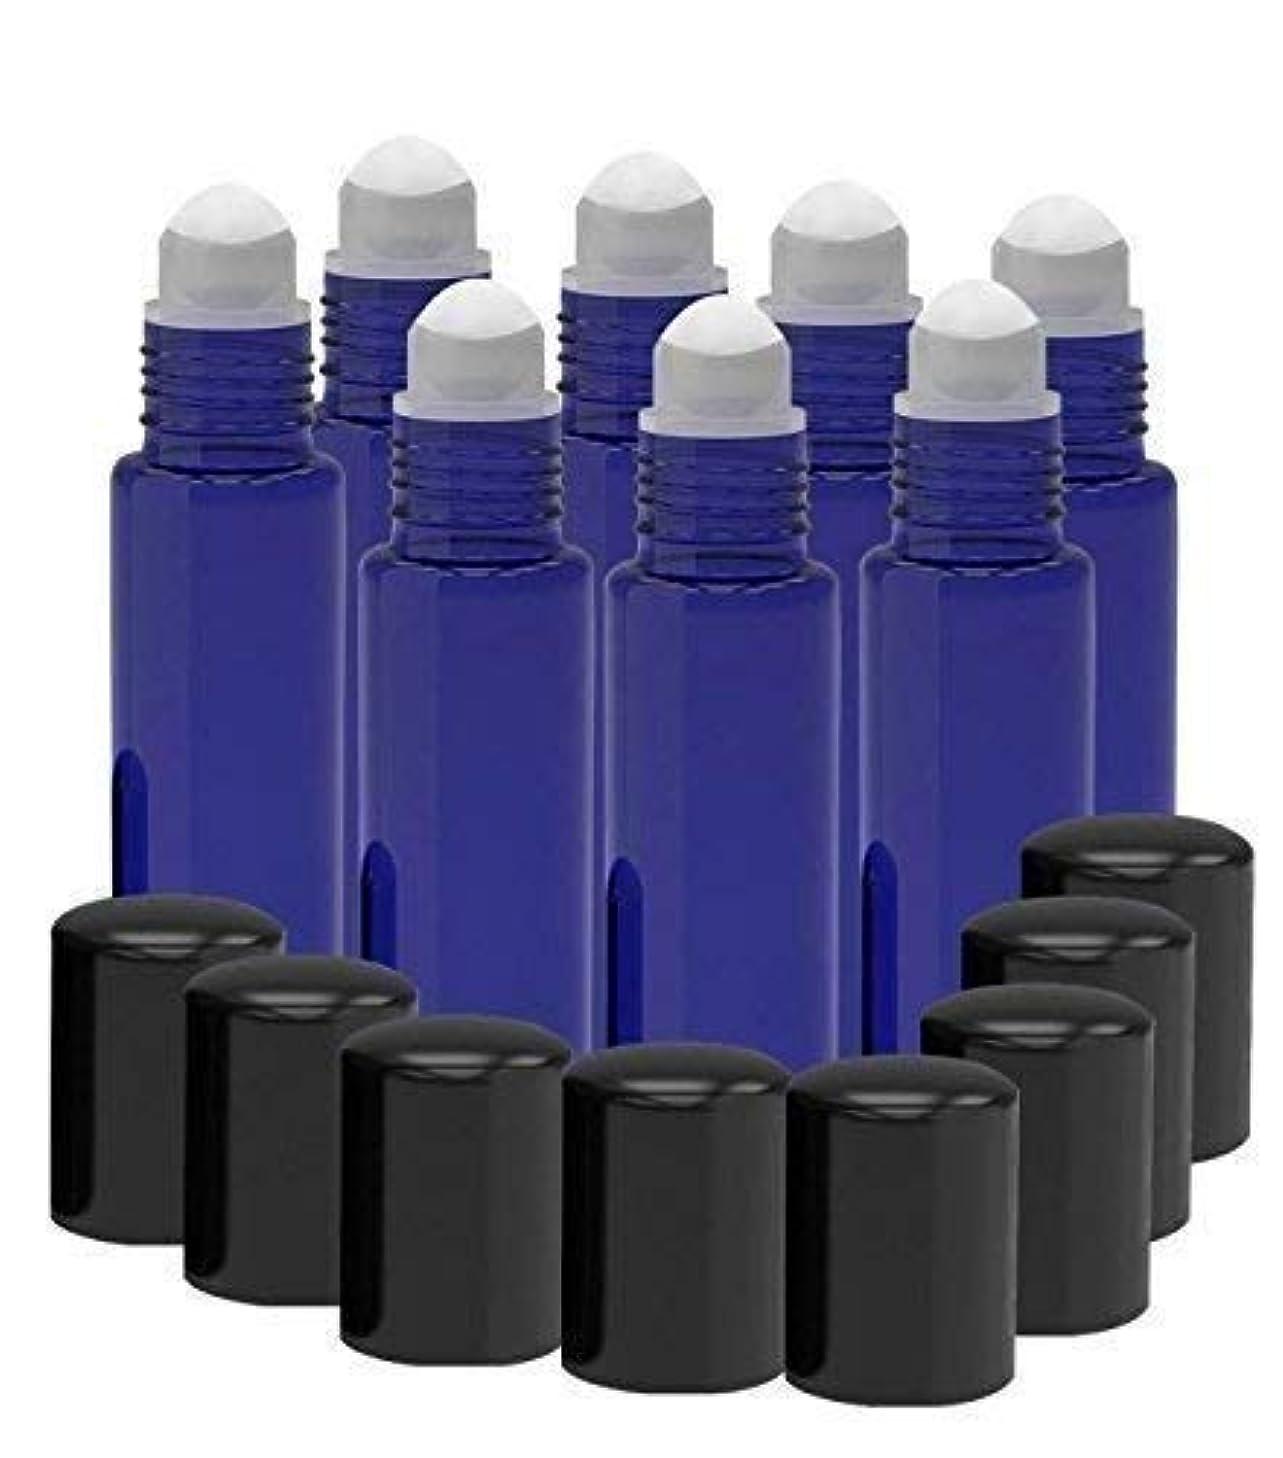 選ぶ多用途虚栄心8 Pack - Essential Oil Roller Bottles [PLASTIC ROLLER BALL] 10ml Refillable Glass Color Roll On for Fragrance...